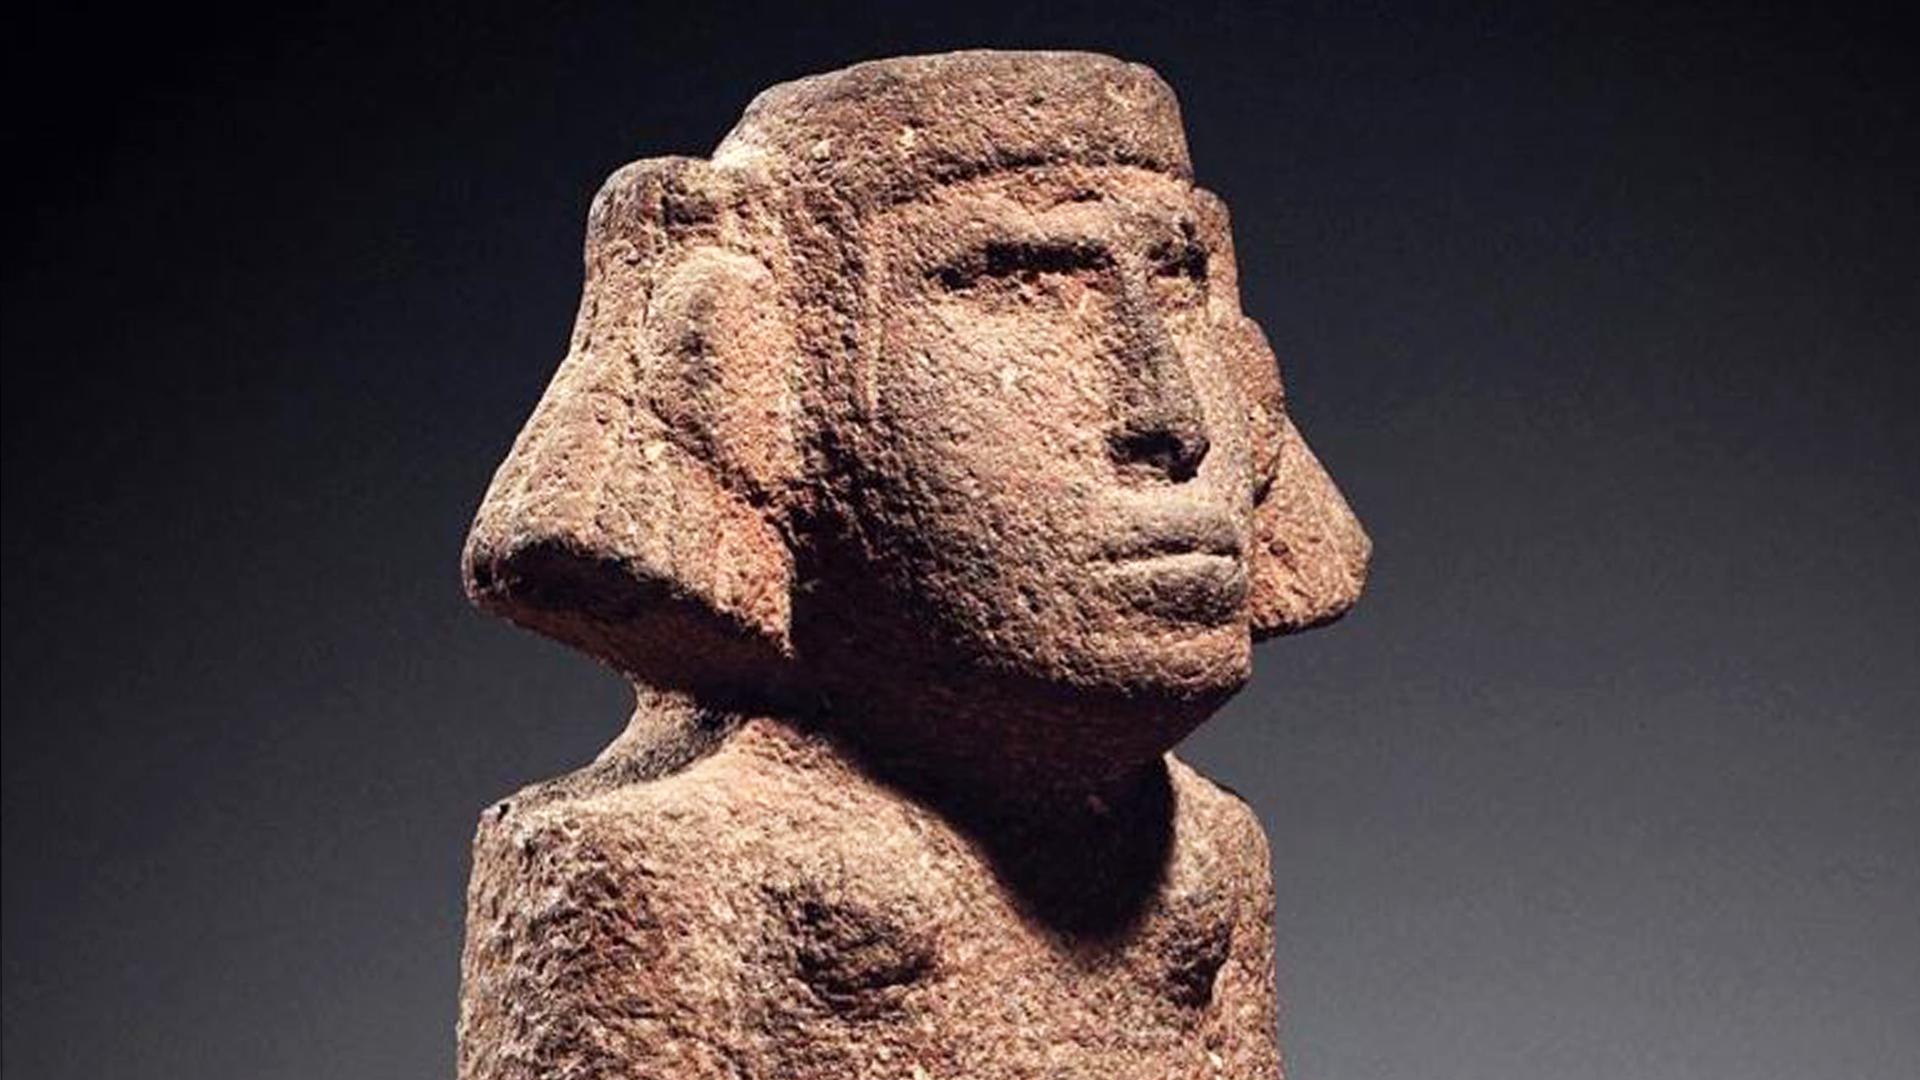 Millonaria subasta de escandalosas piezas de arte precolombino